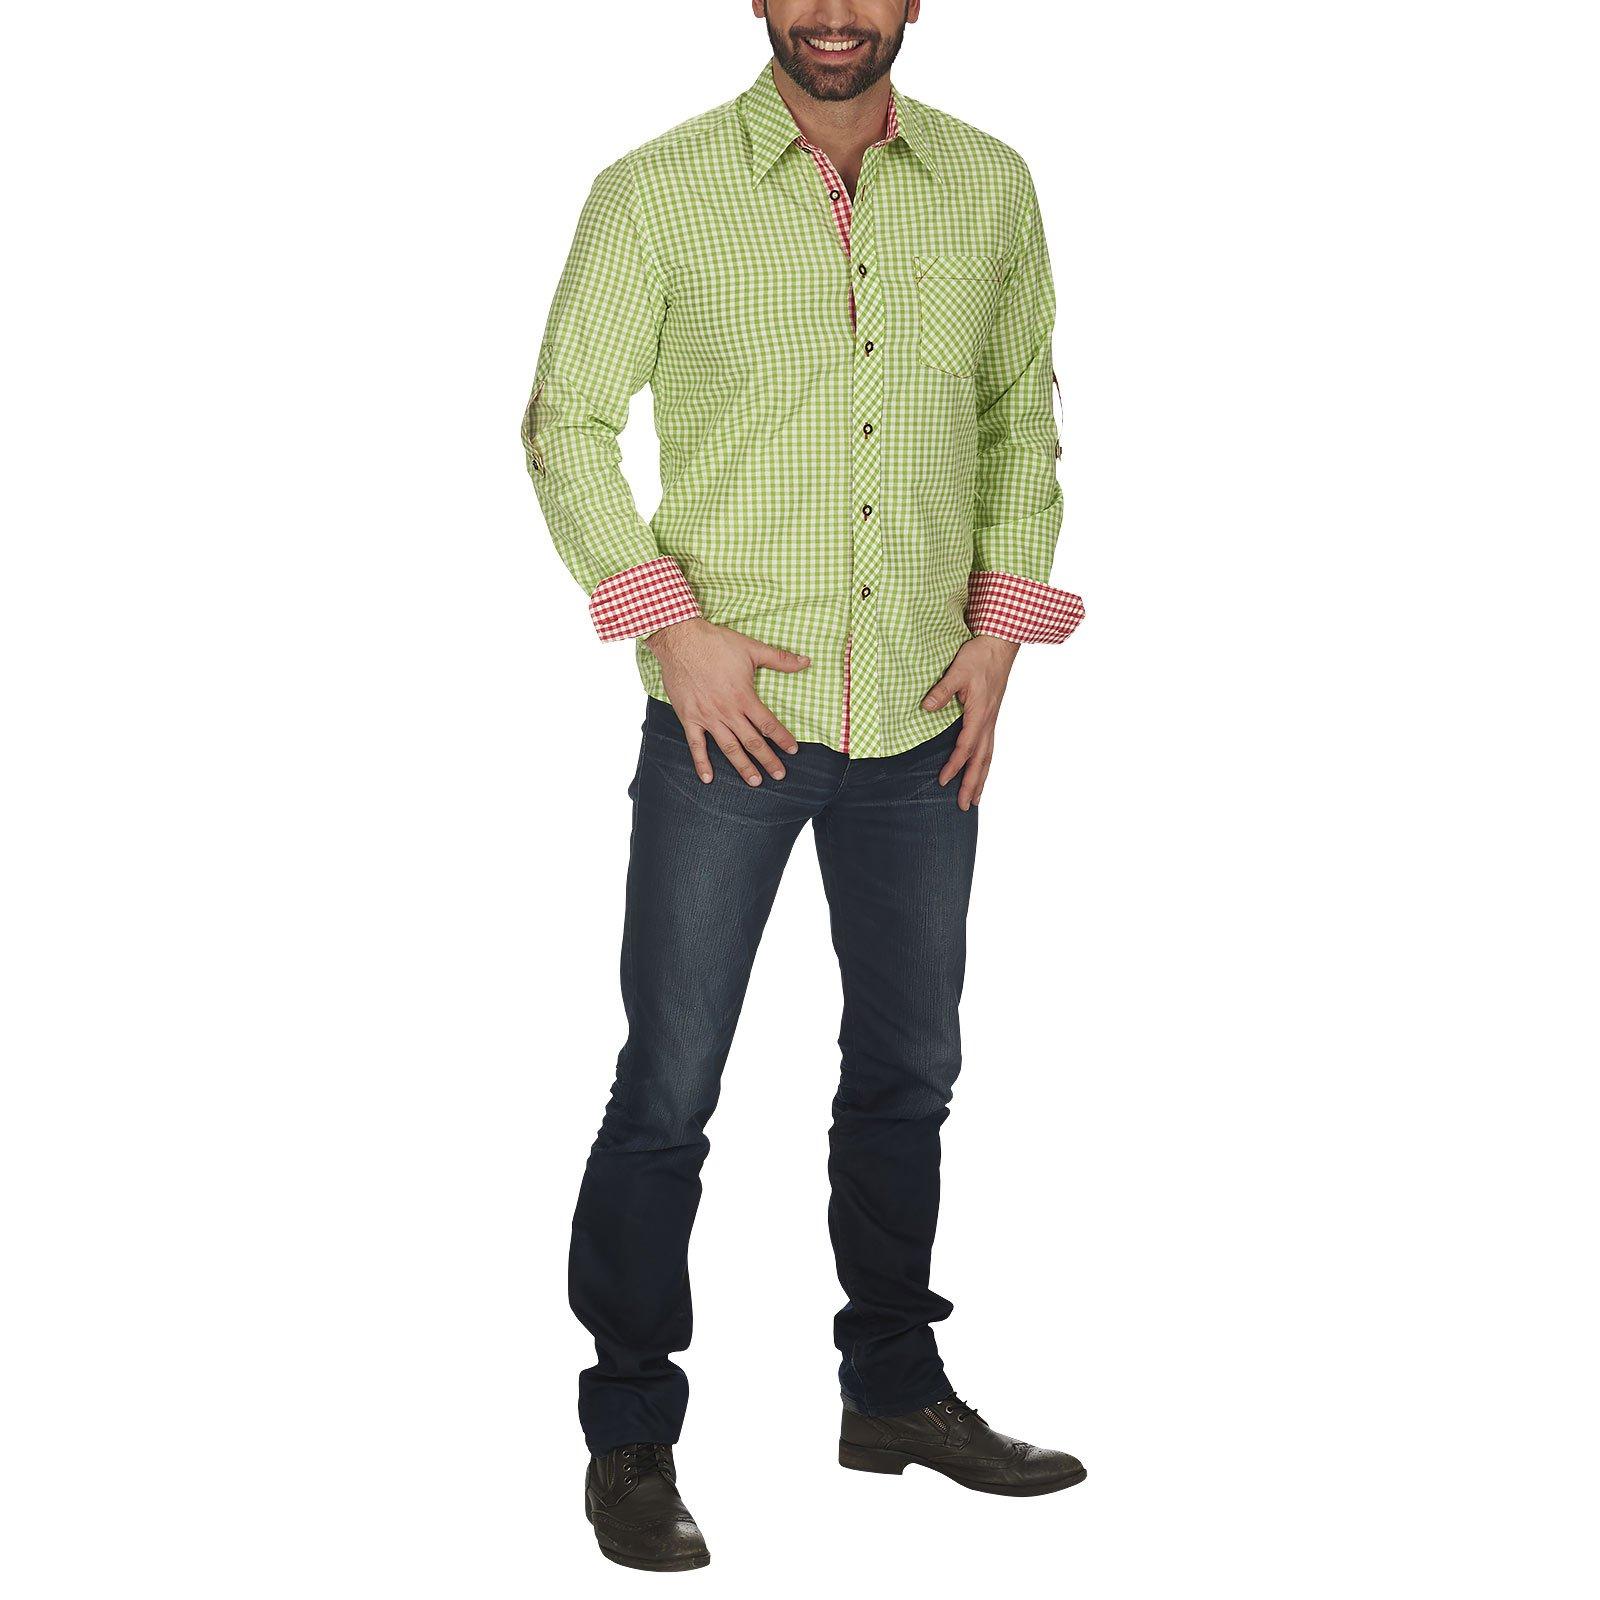 Camicia tradizionale - camicia da uomo per travestimento folcloristico - feste tradizionali e carnev